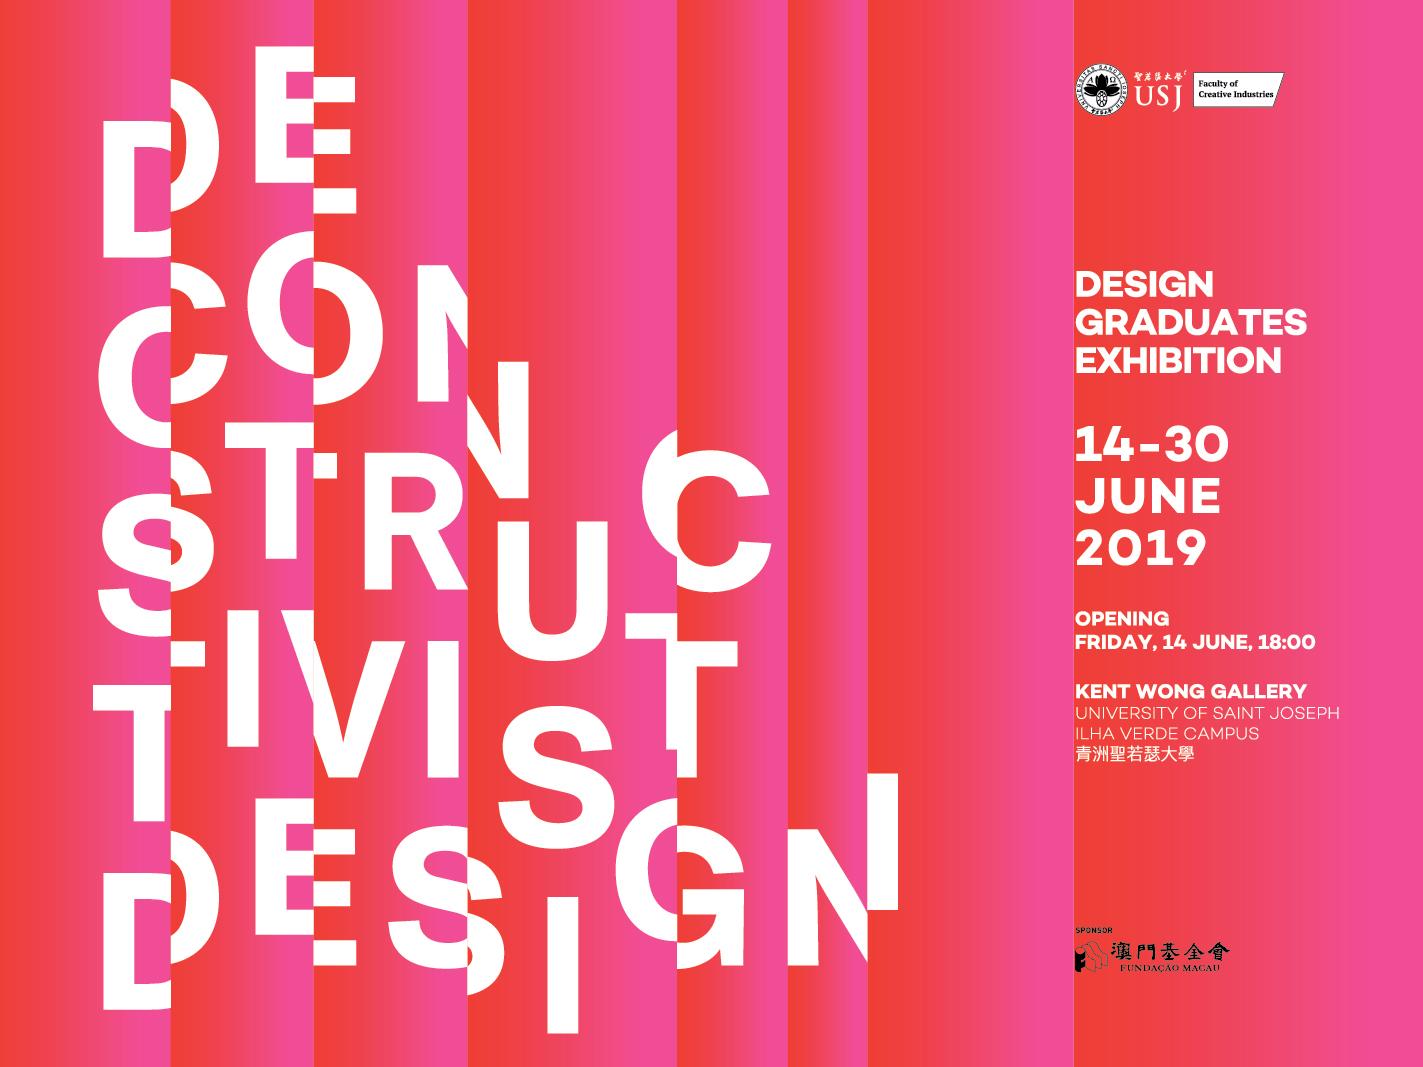 FCI_Deconstructivist Design_E-invite